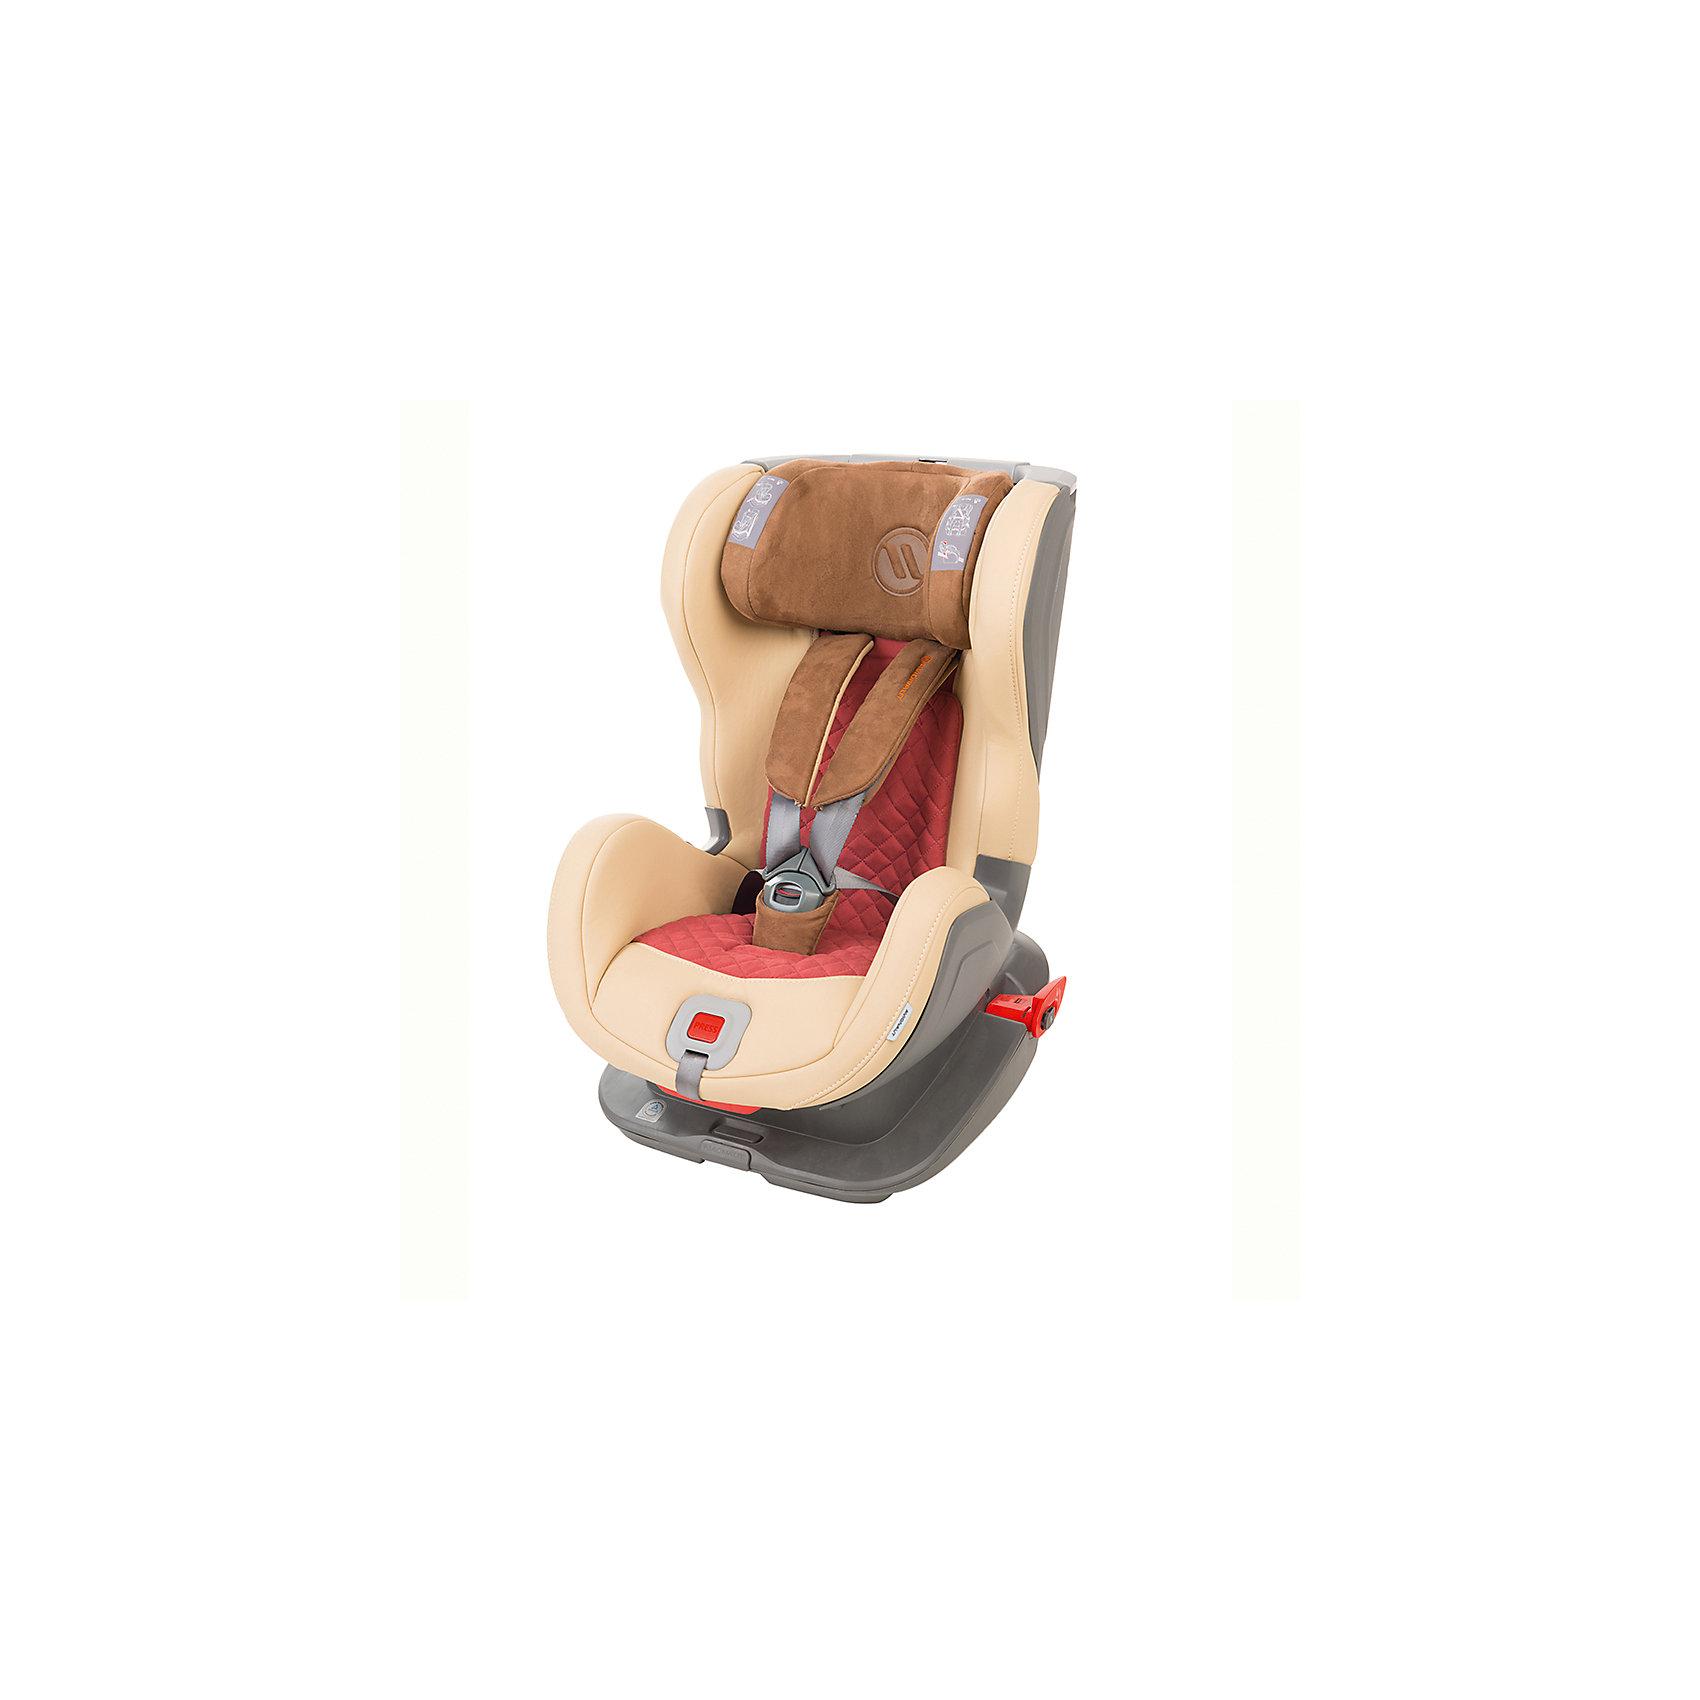 Автокресло Avionaut GLIDER ROYAL, 9-25кг, бежевый/т.красный/коричневый